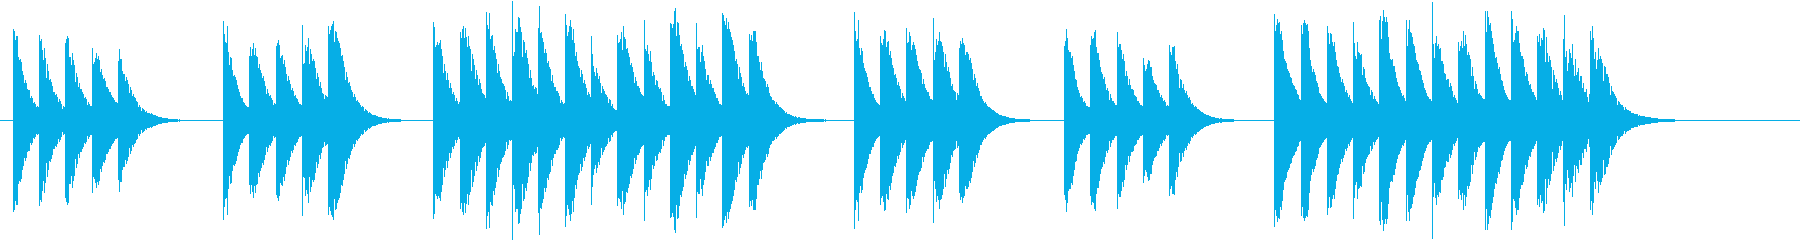 木琴で作ったコミカルで短い曲の再生済みの波形